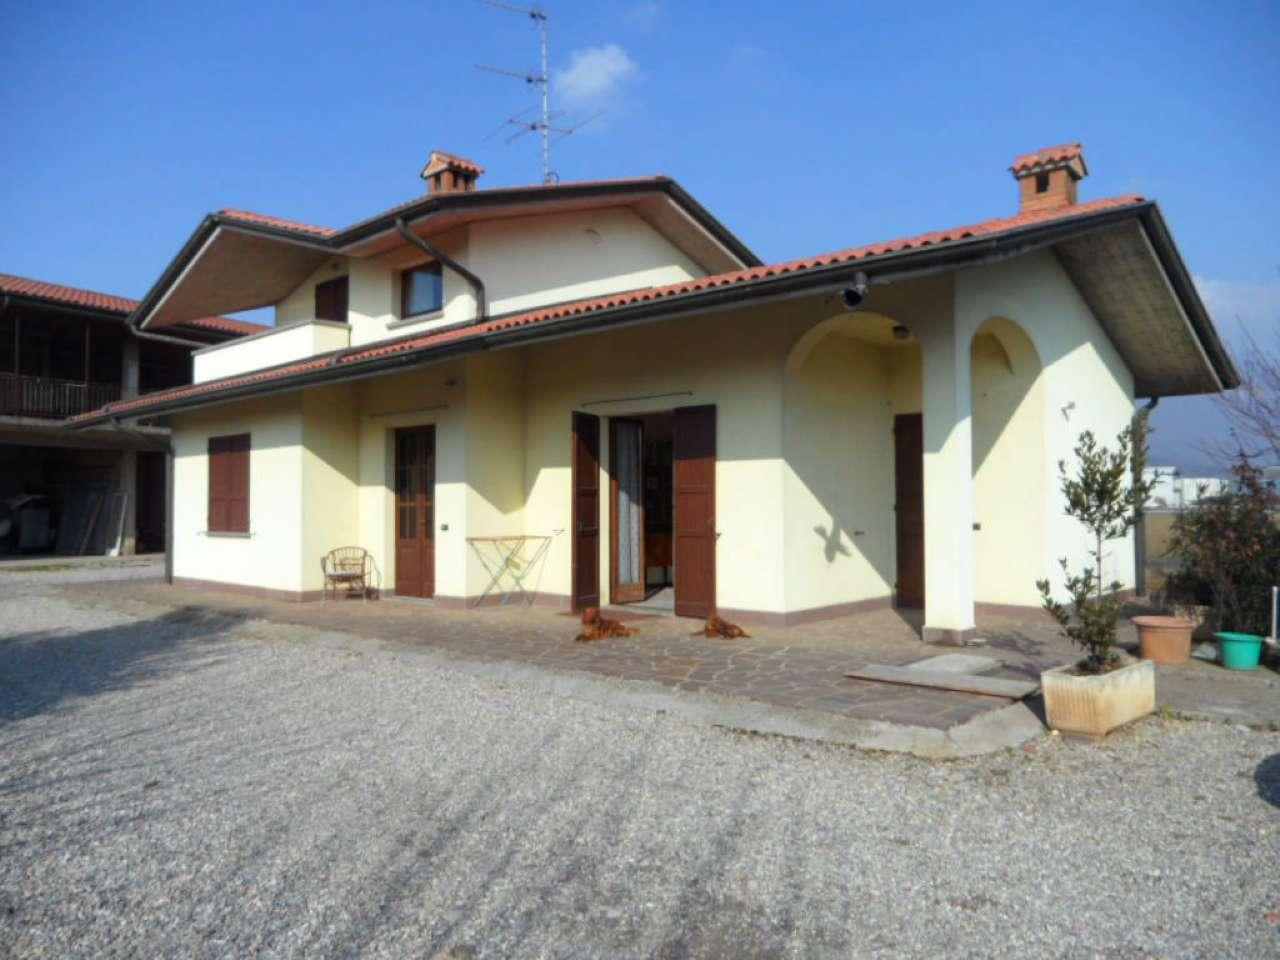 Villa in vendita a Trescore Balneario, 4 locali, prezzo € 420.000 | Cambio Casa.it